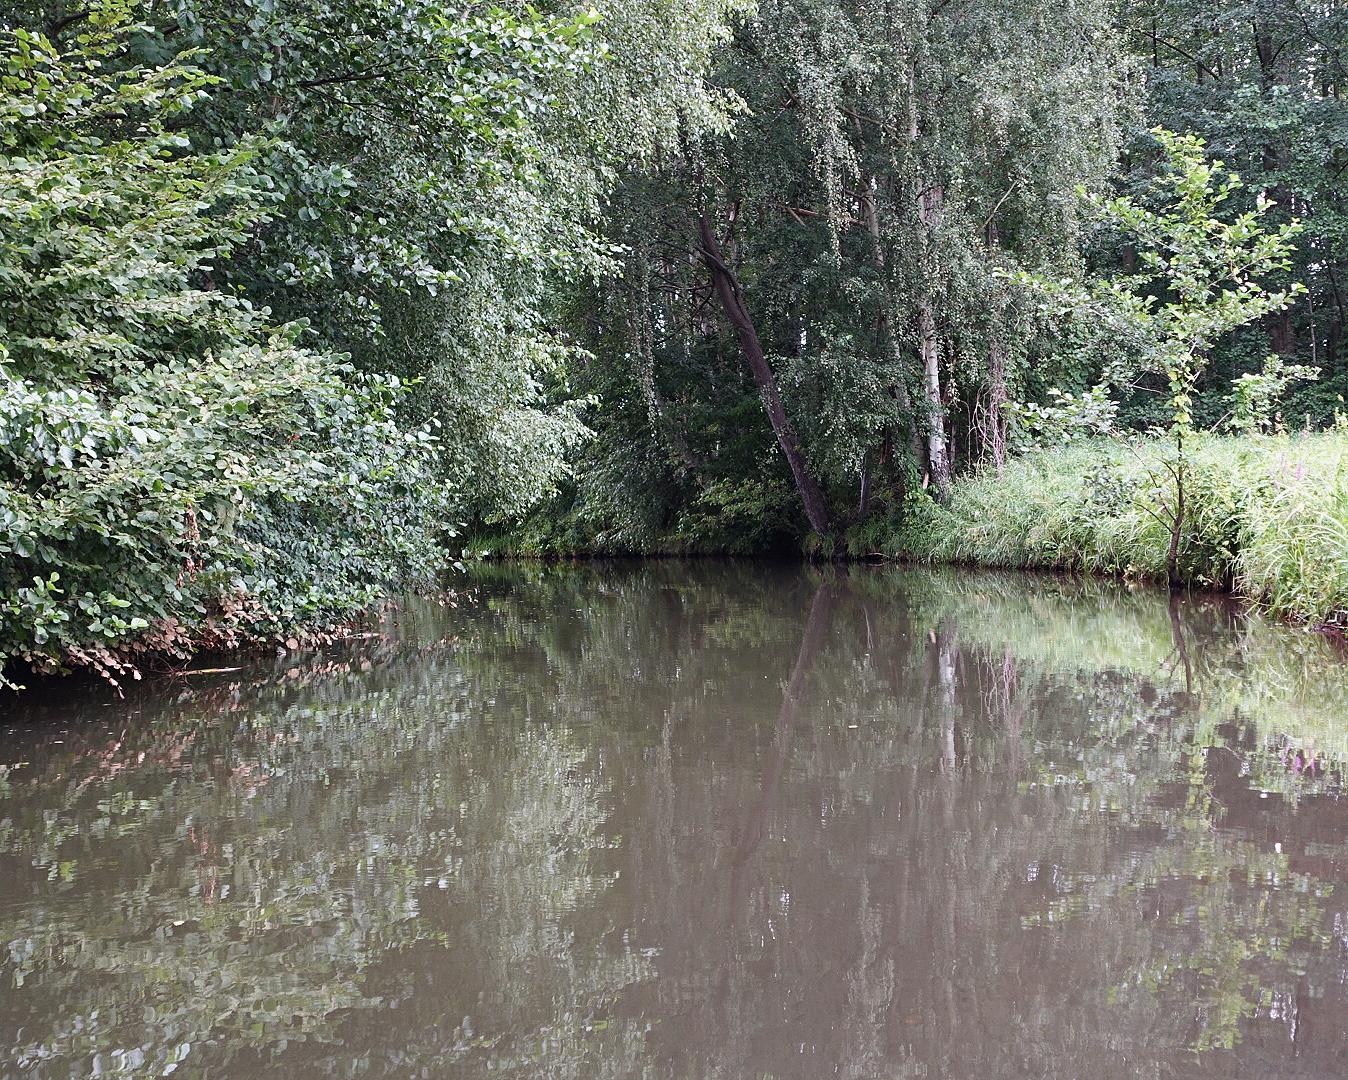 Kanal im Spreewald an einem verregneten Sommertag